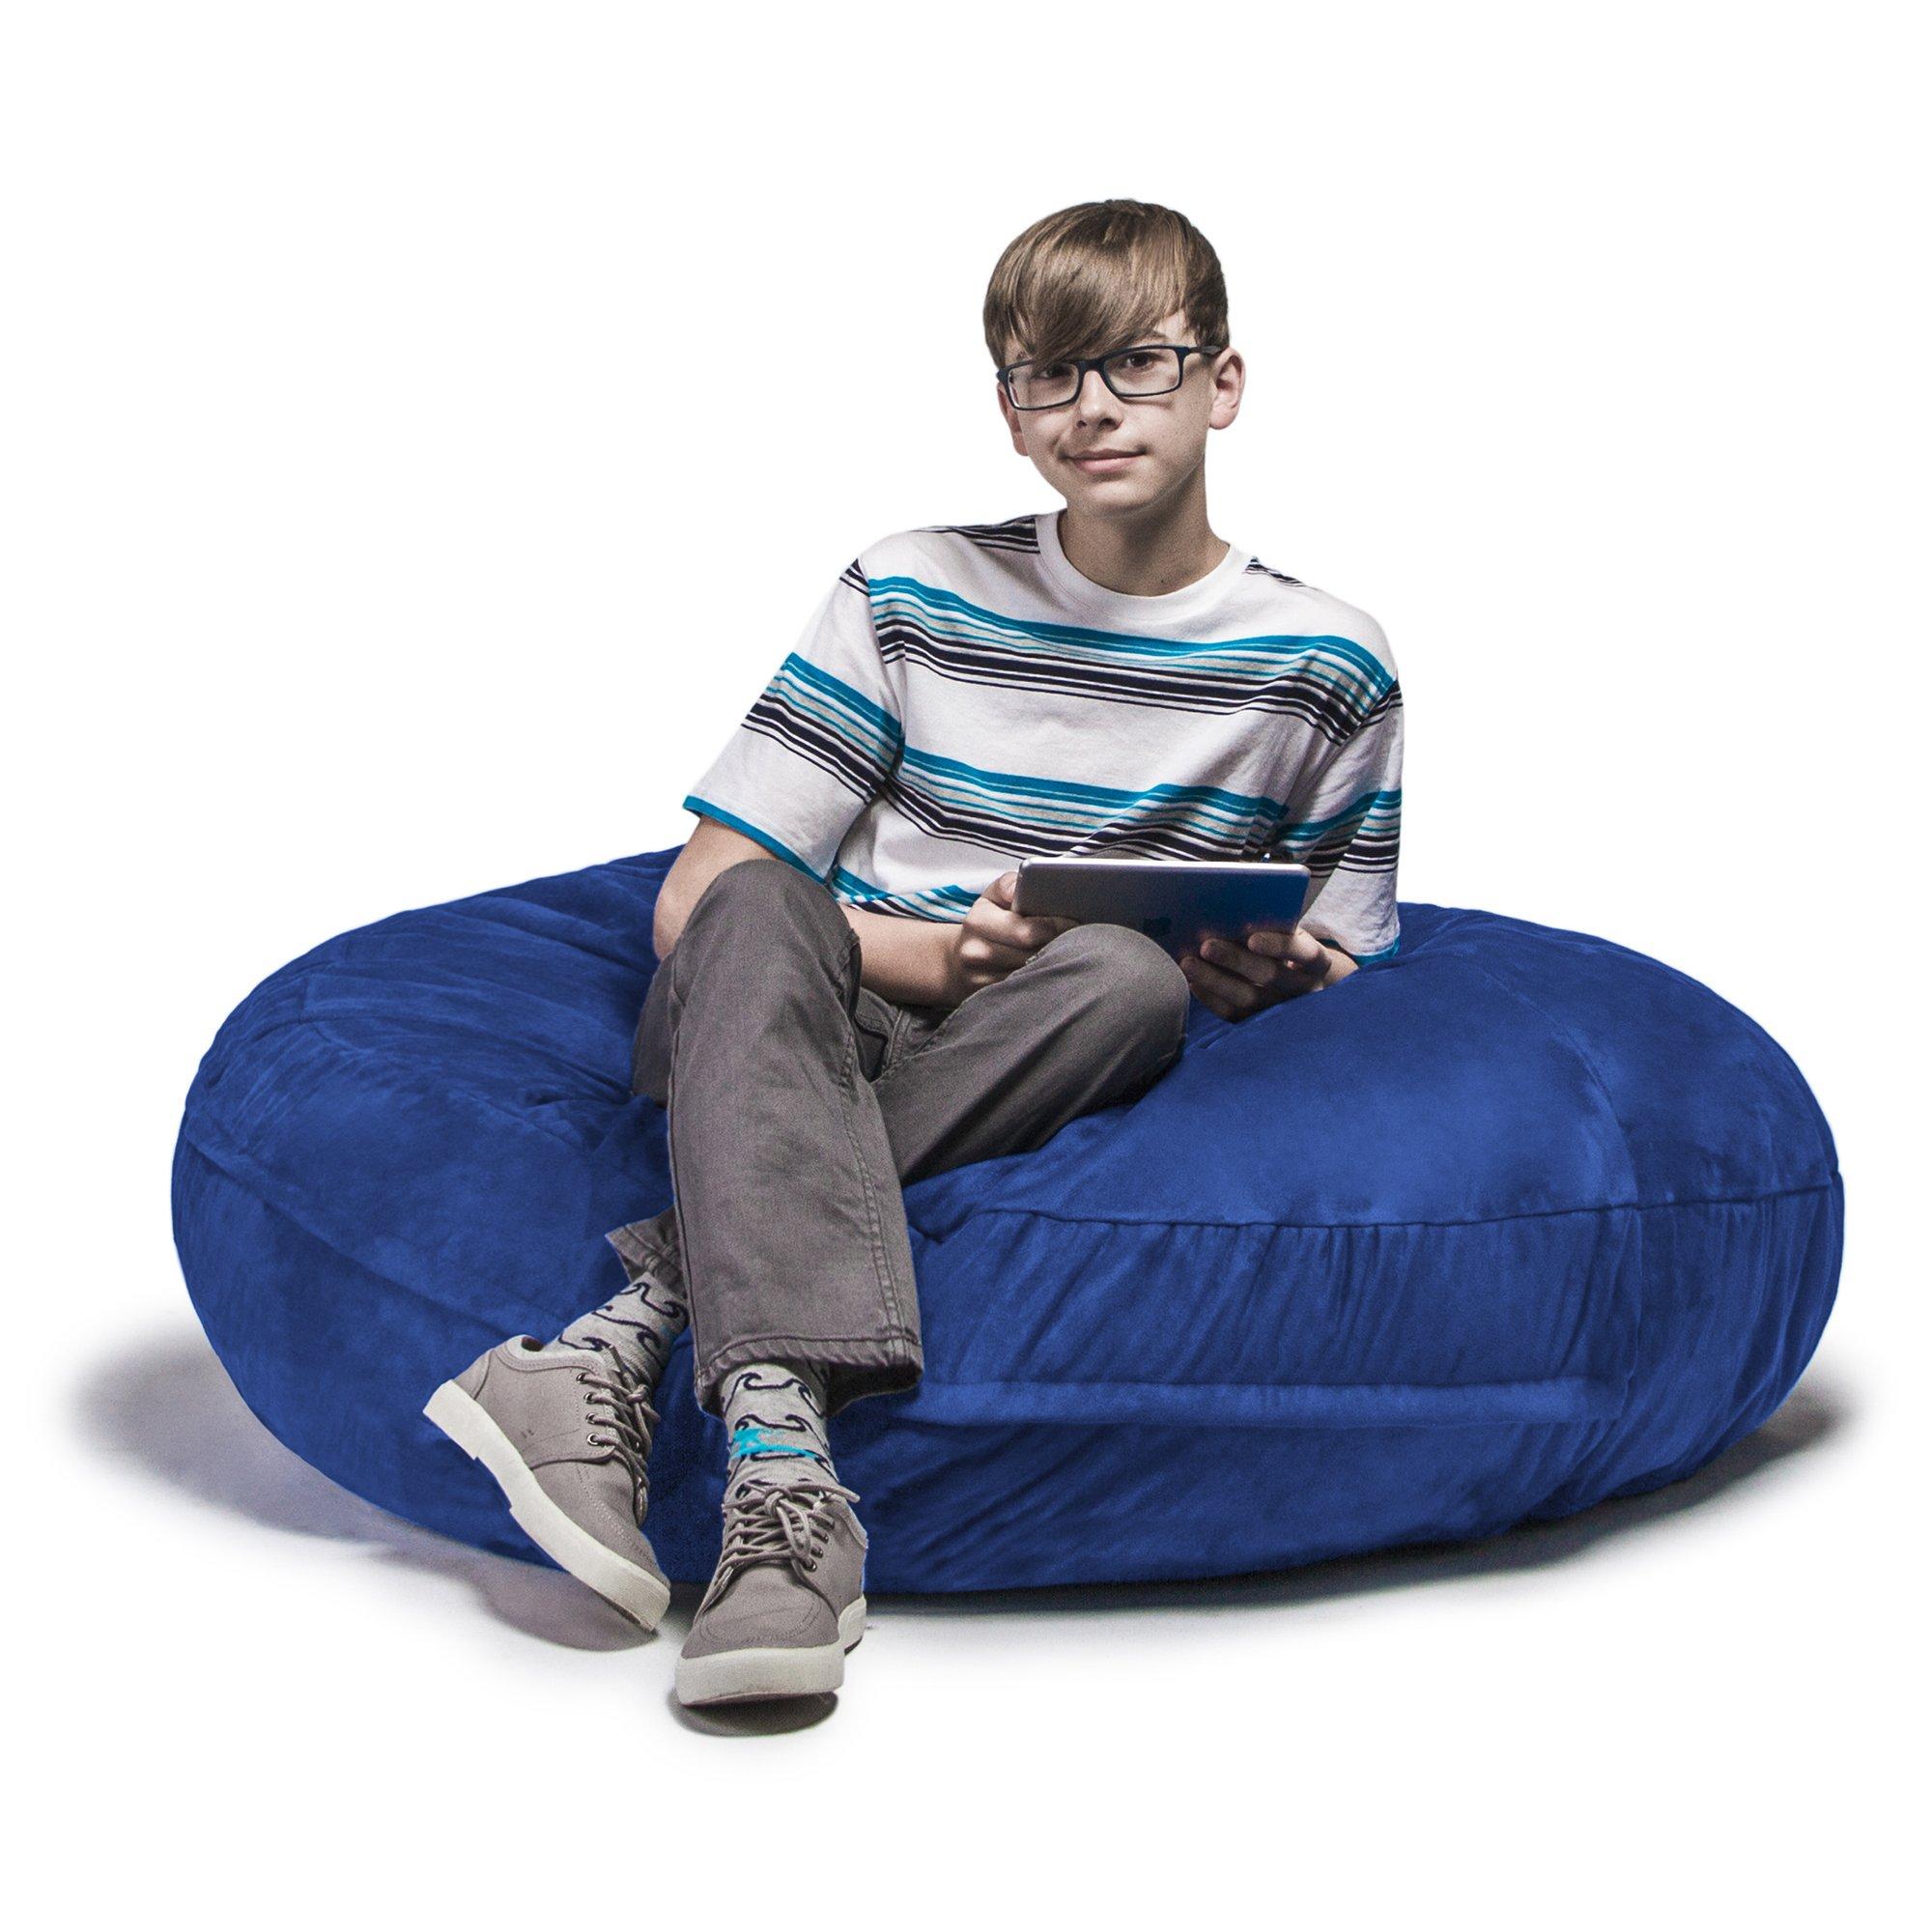 Jaxx Bean Bags Cocoon Junior Kids Bean Bag, 4-Feet, Blueberry Microsuede by Jaxx